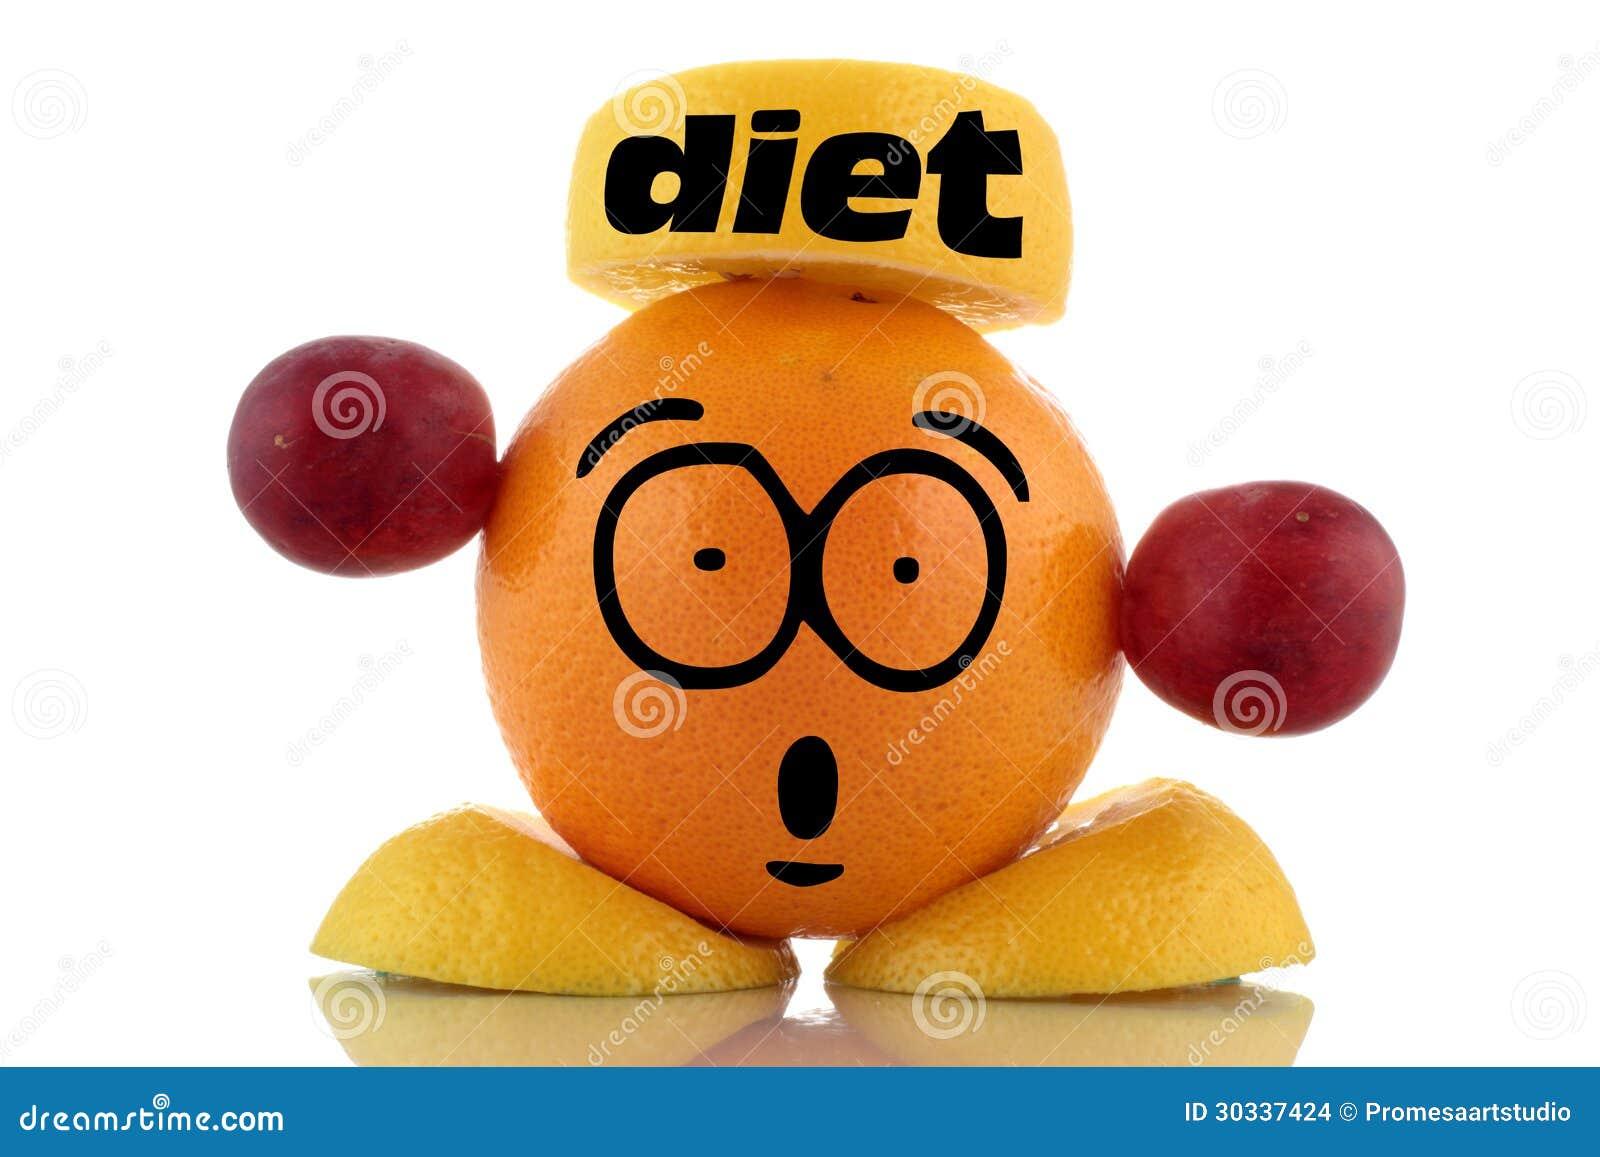 饮食时间。滑稽的果子字符。